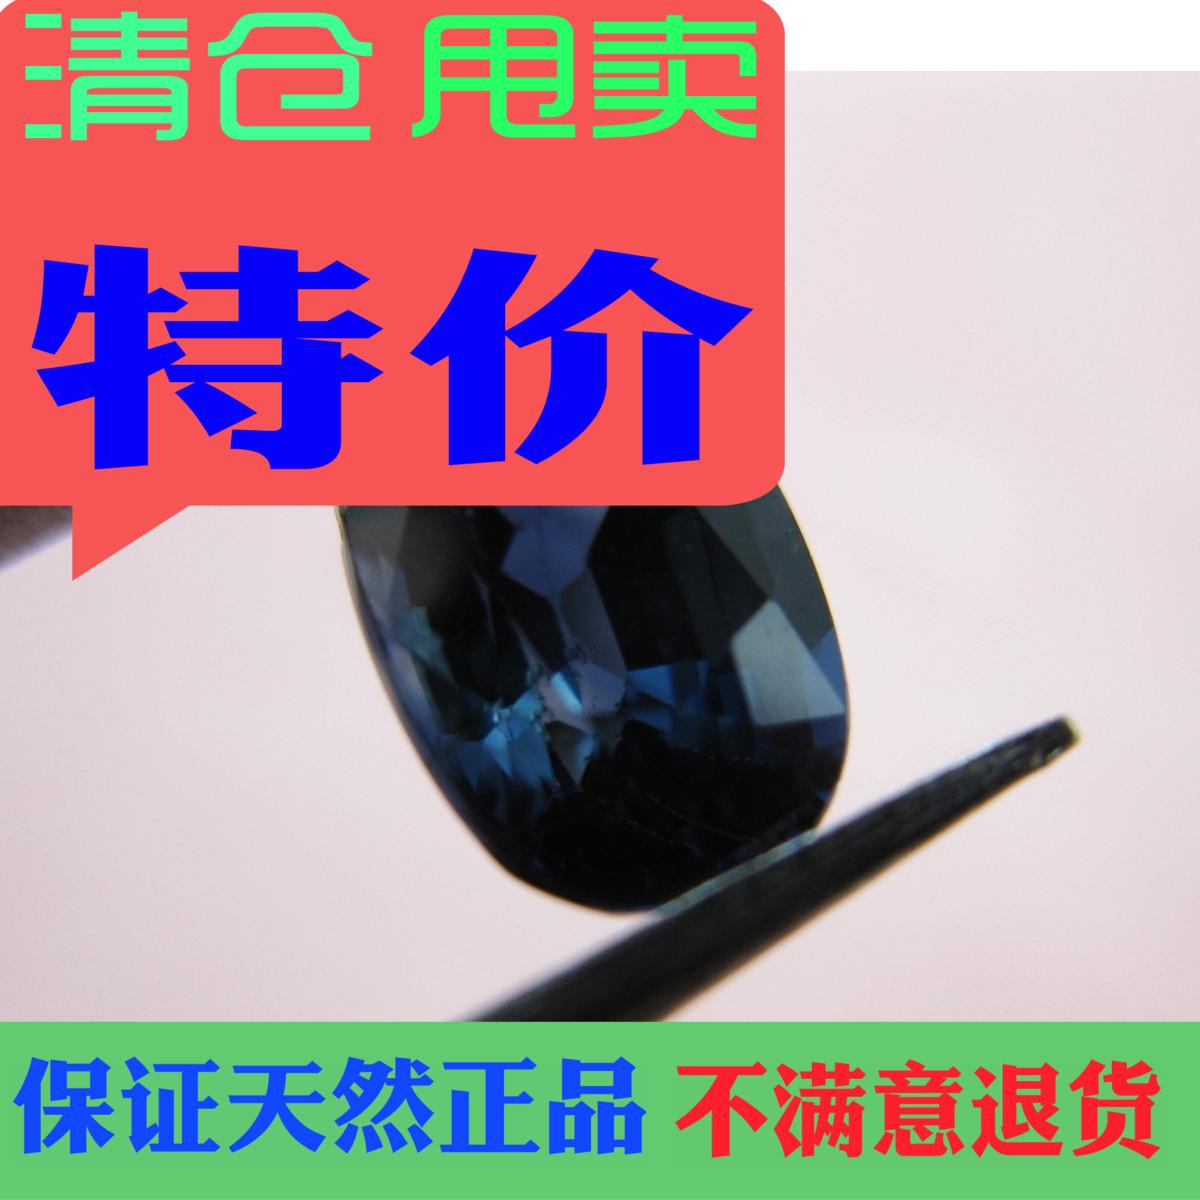 促销送证书贵重彩色蓝宝石裸石1.55CT吊坠项坠戒指手链耳钉包邮